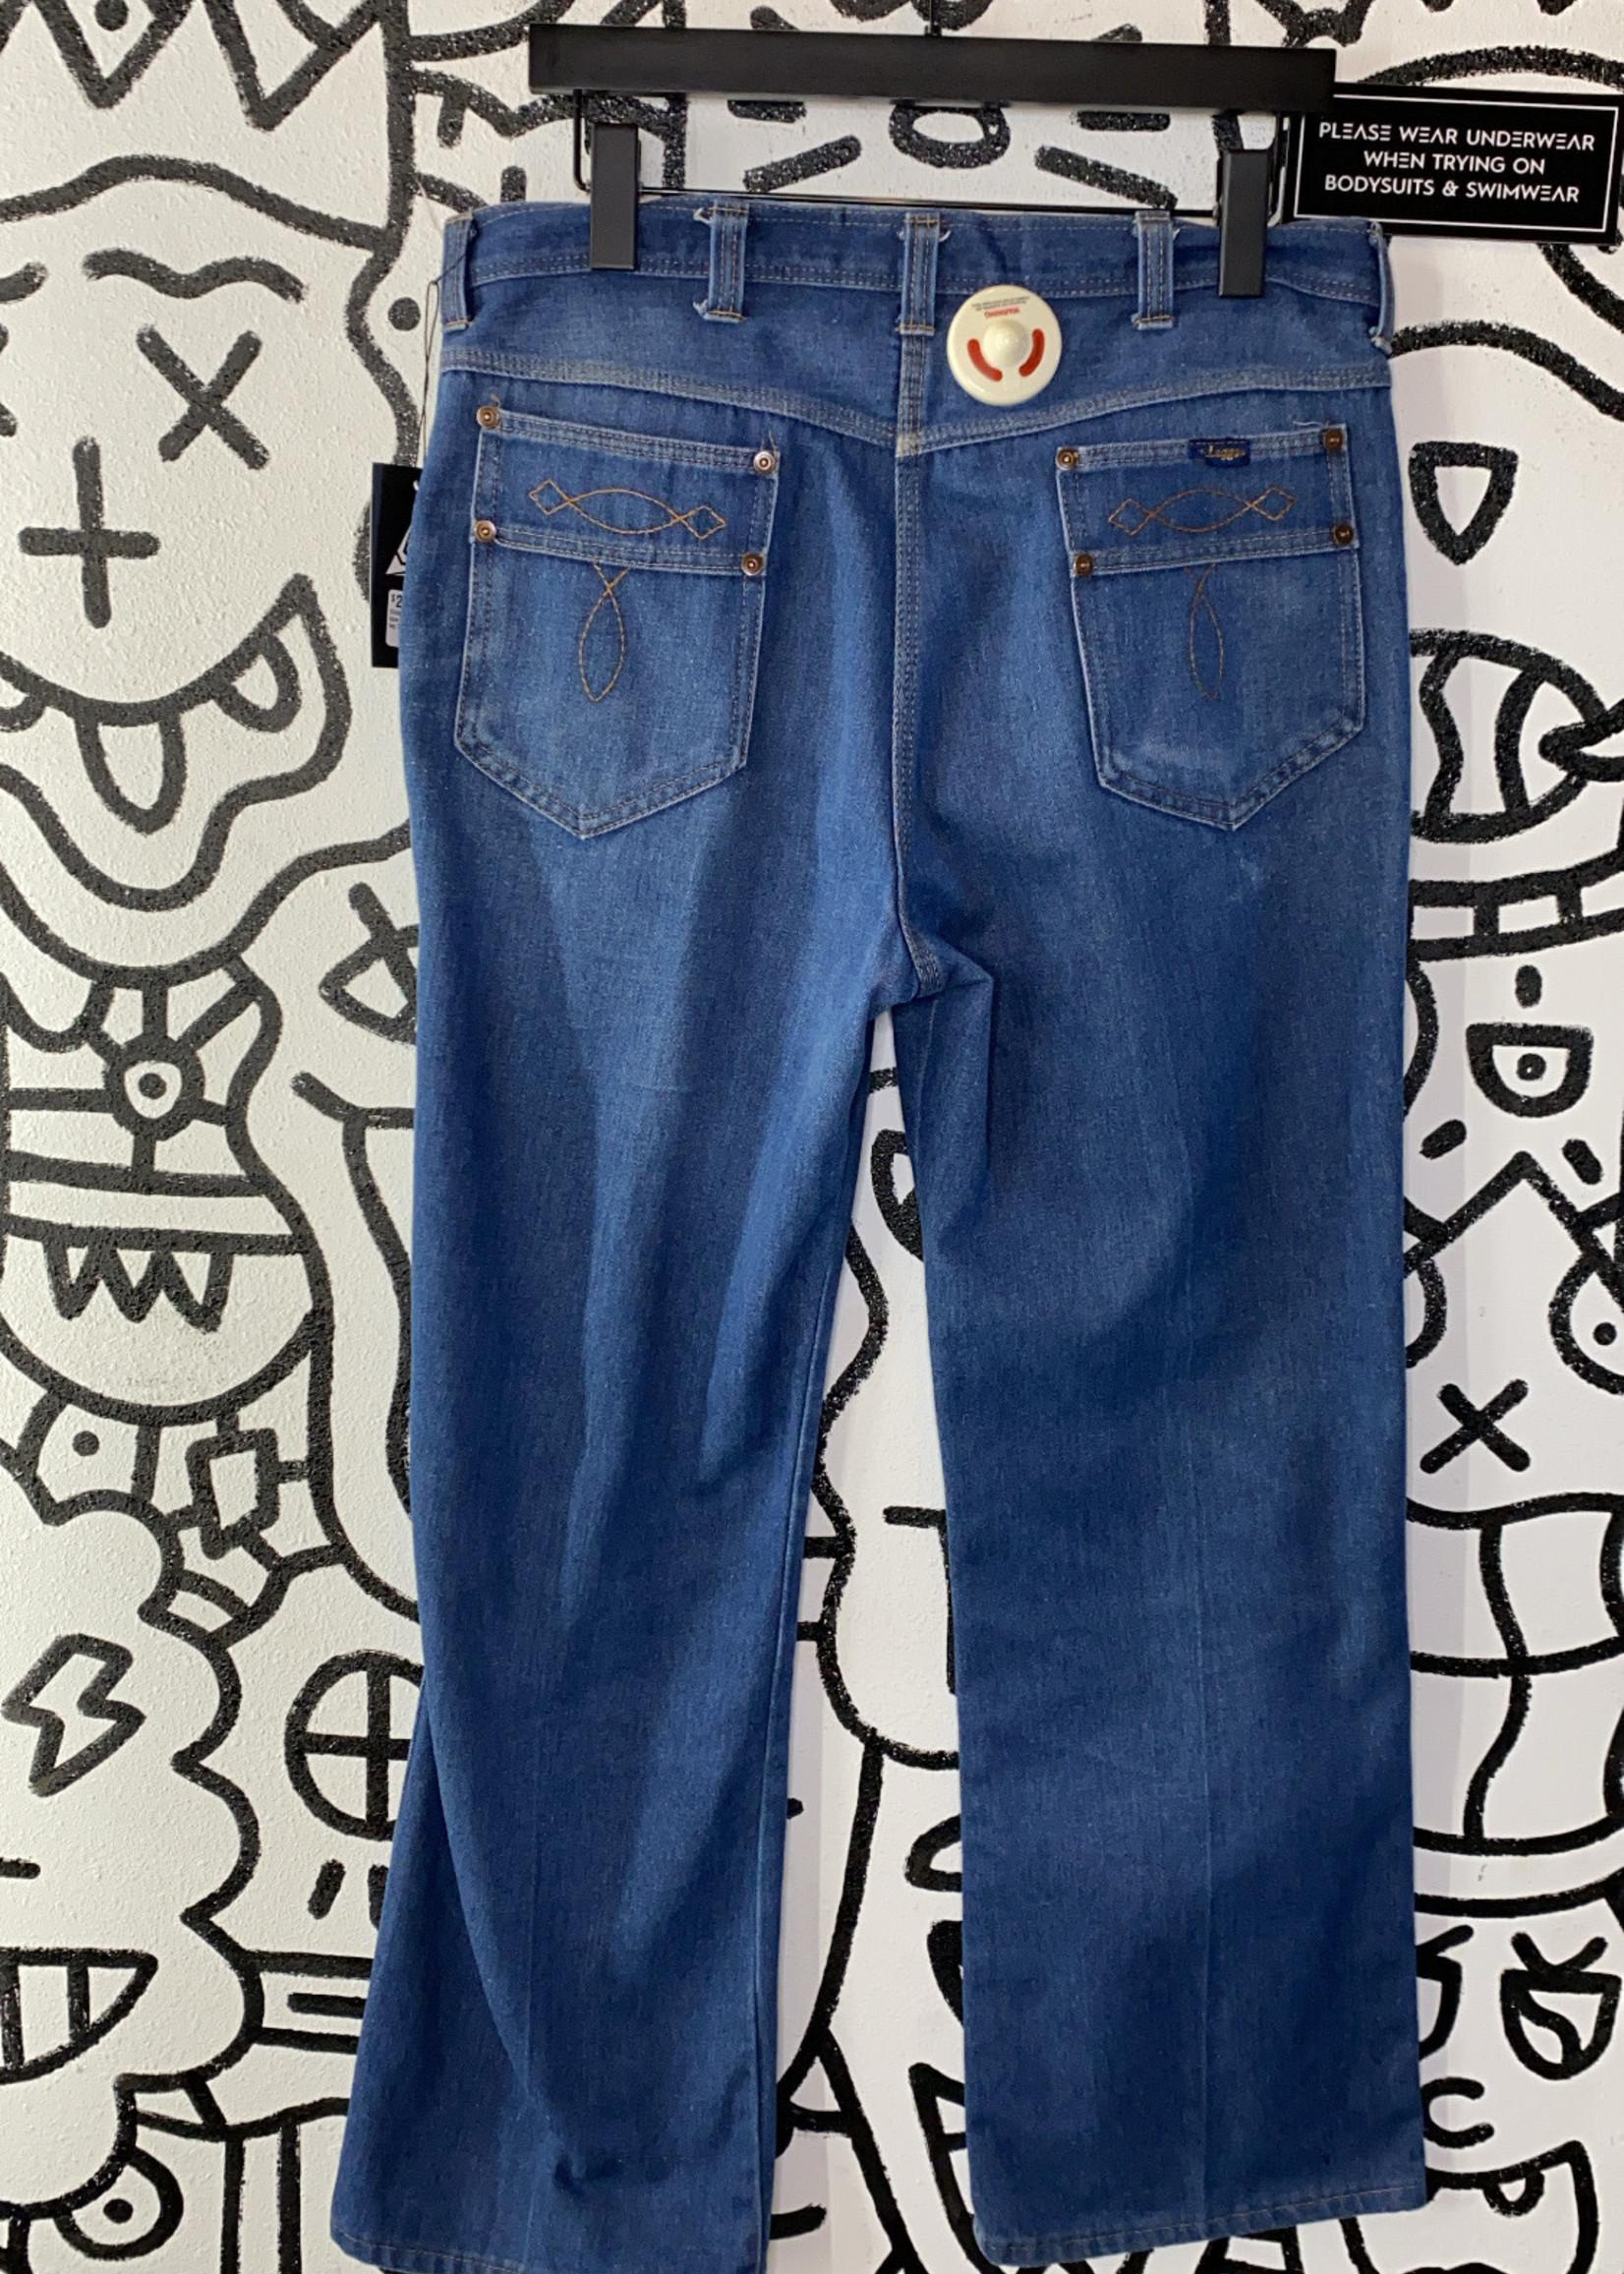 Vintage Leggs blue jeans wide leg 32